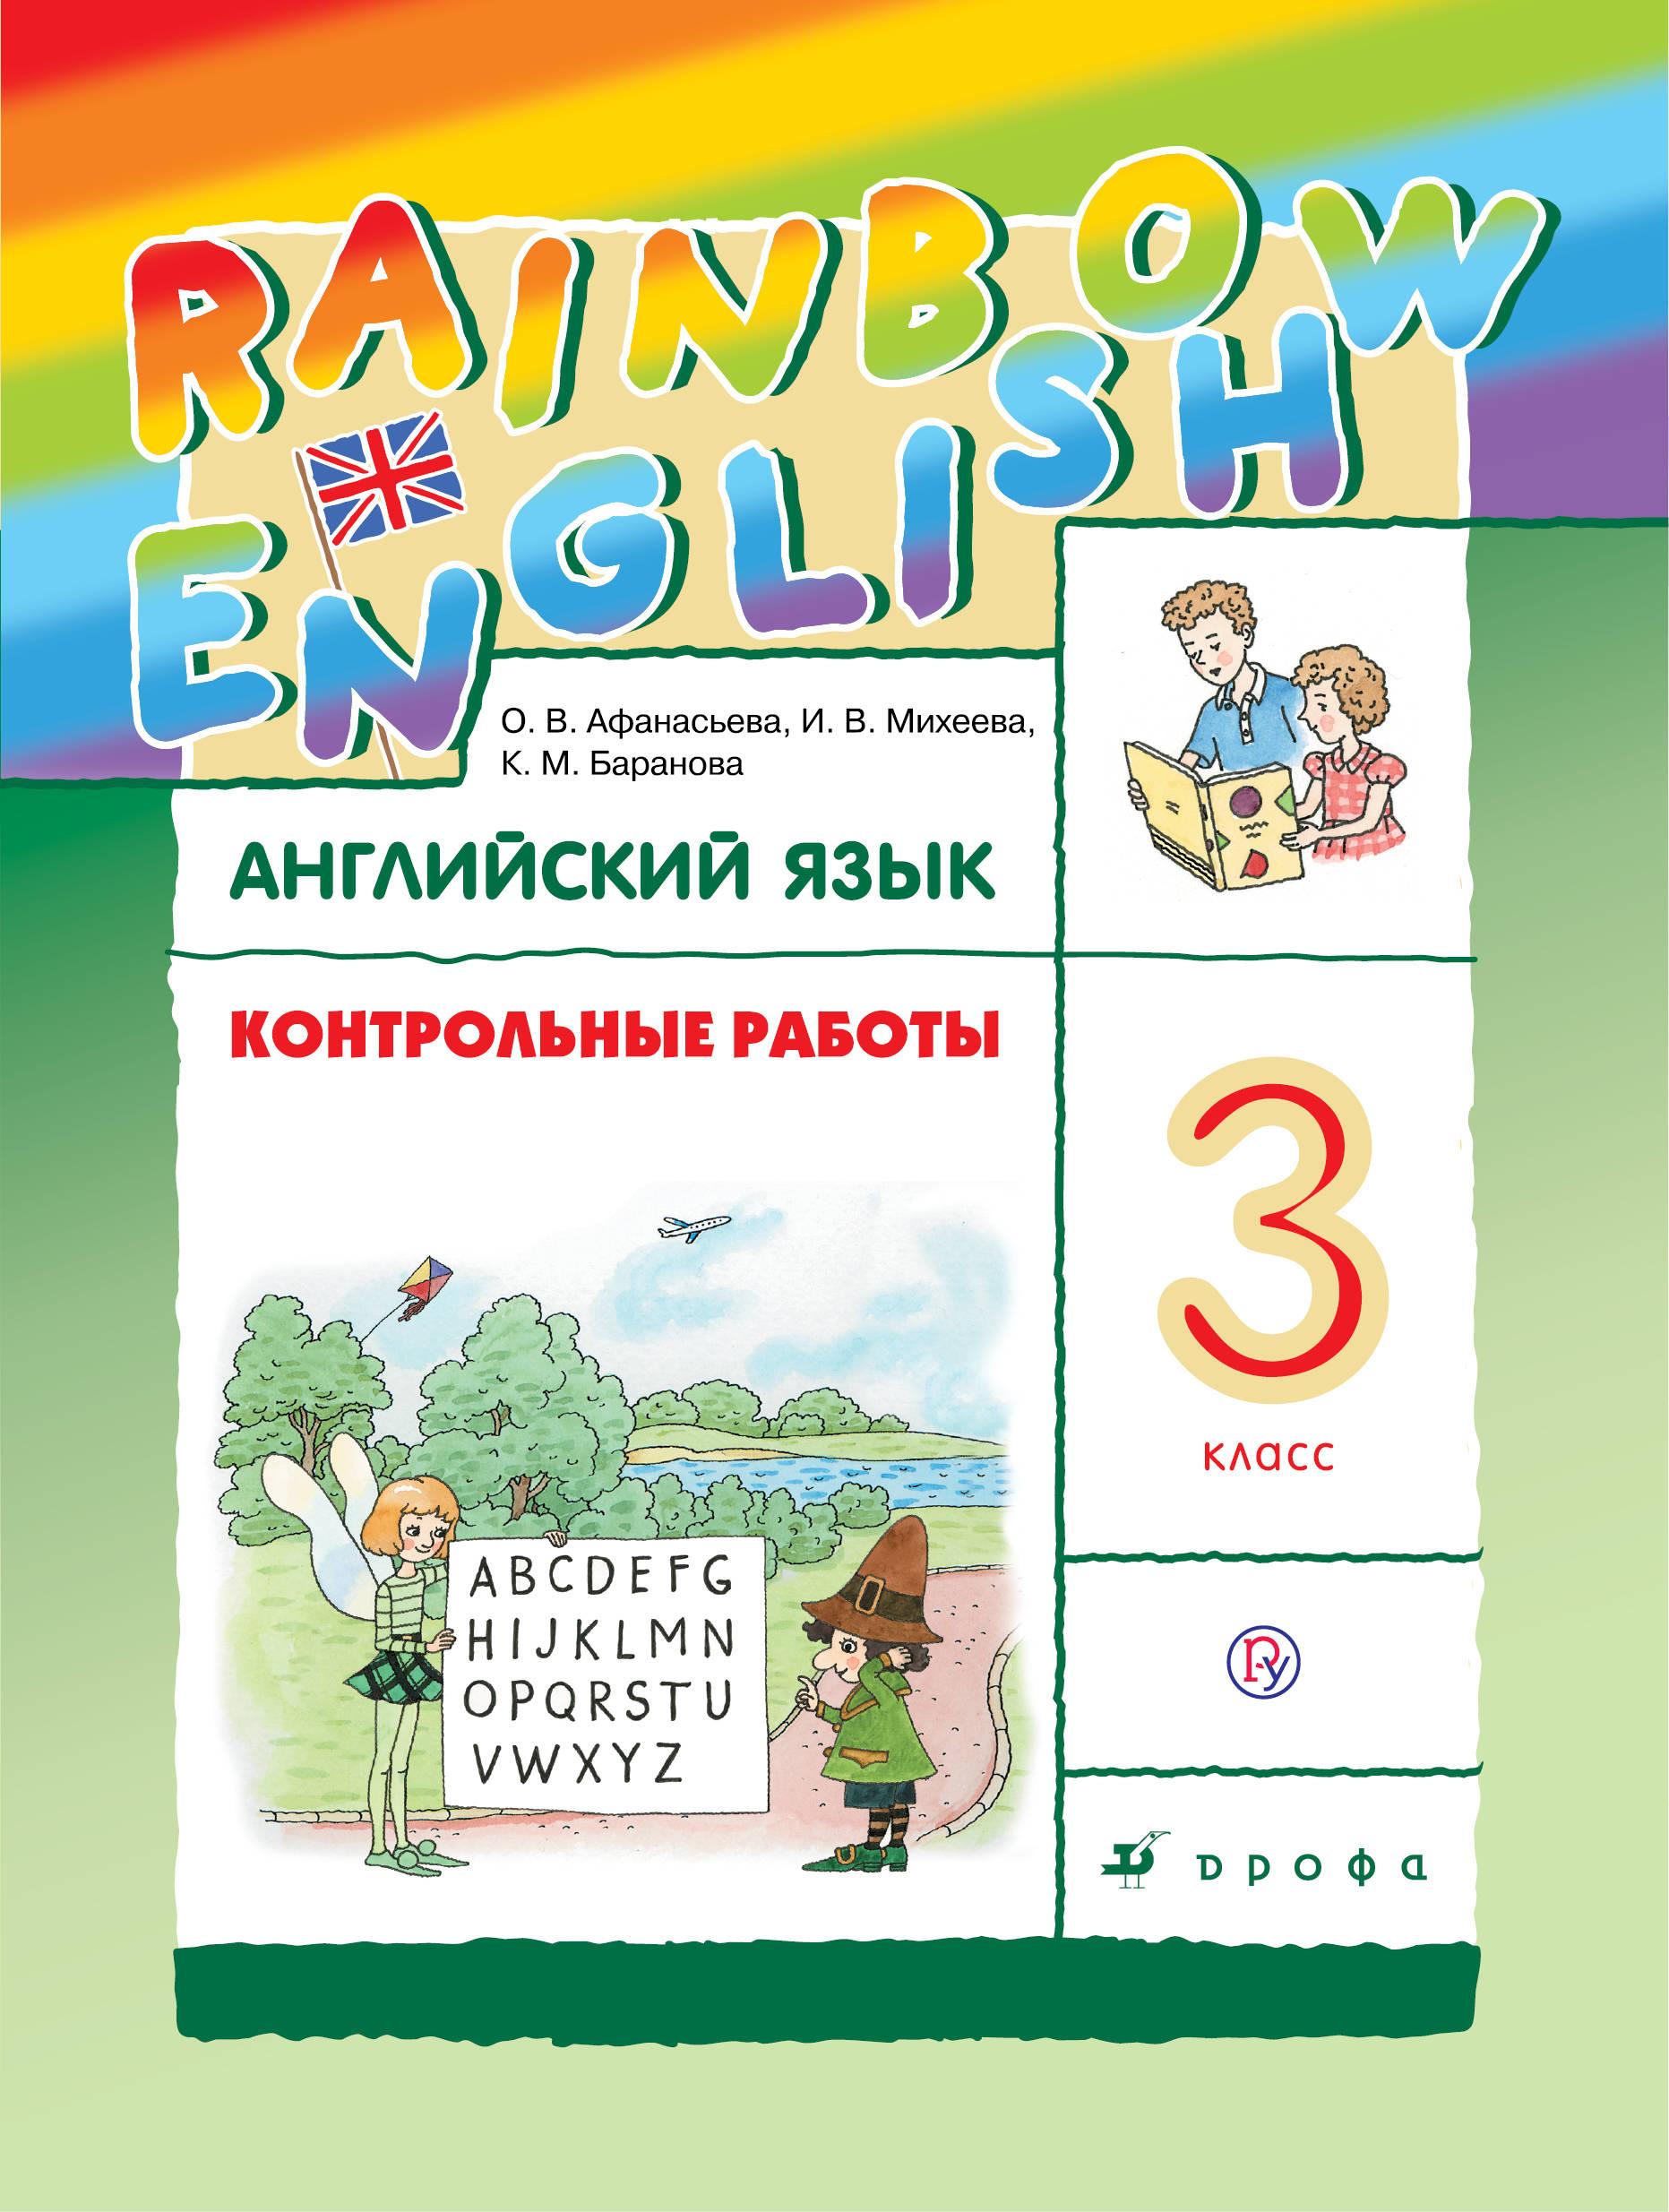 О. В. Афанасьева,И. В. Михеева,К. М. Баранова Английский язык. 3 класс. Контрольные работы